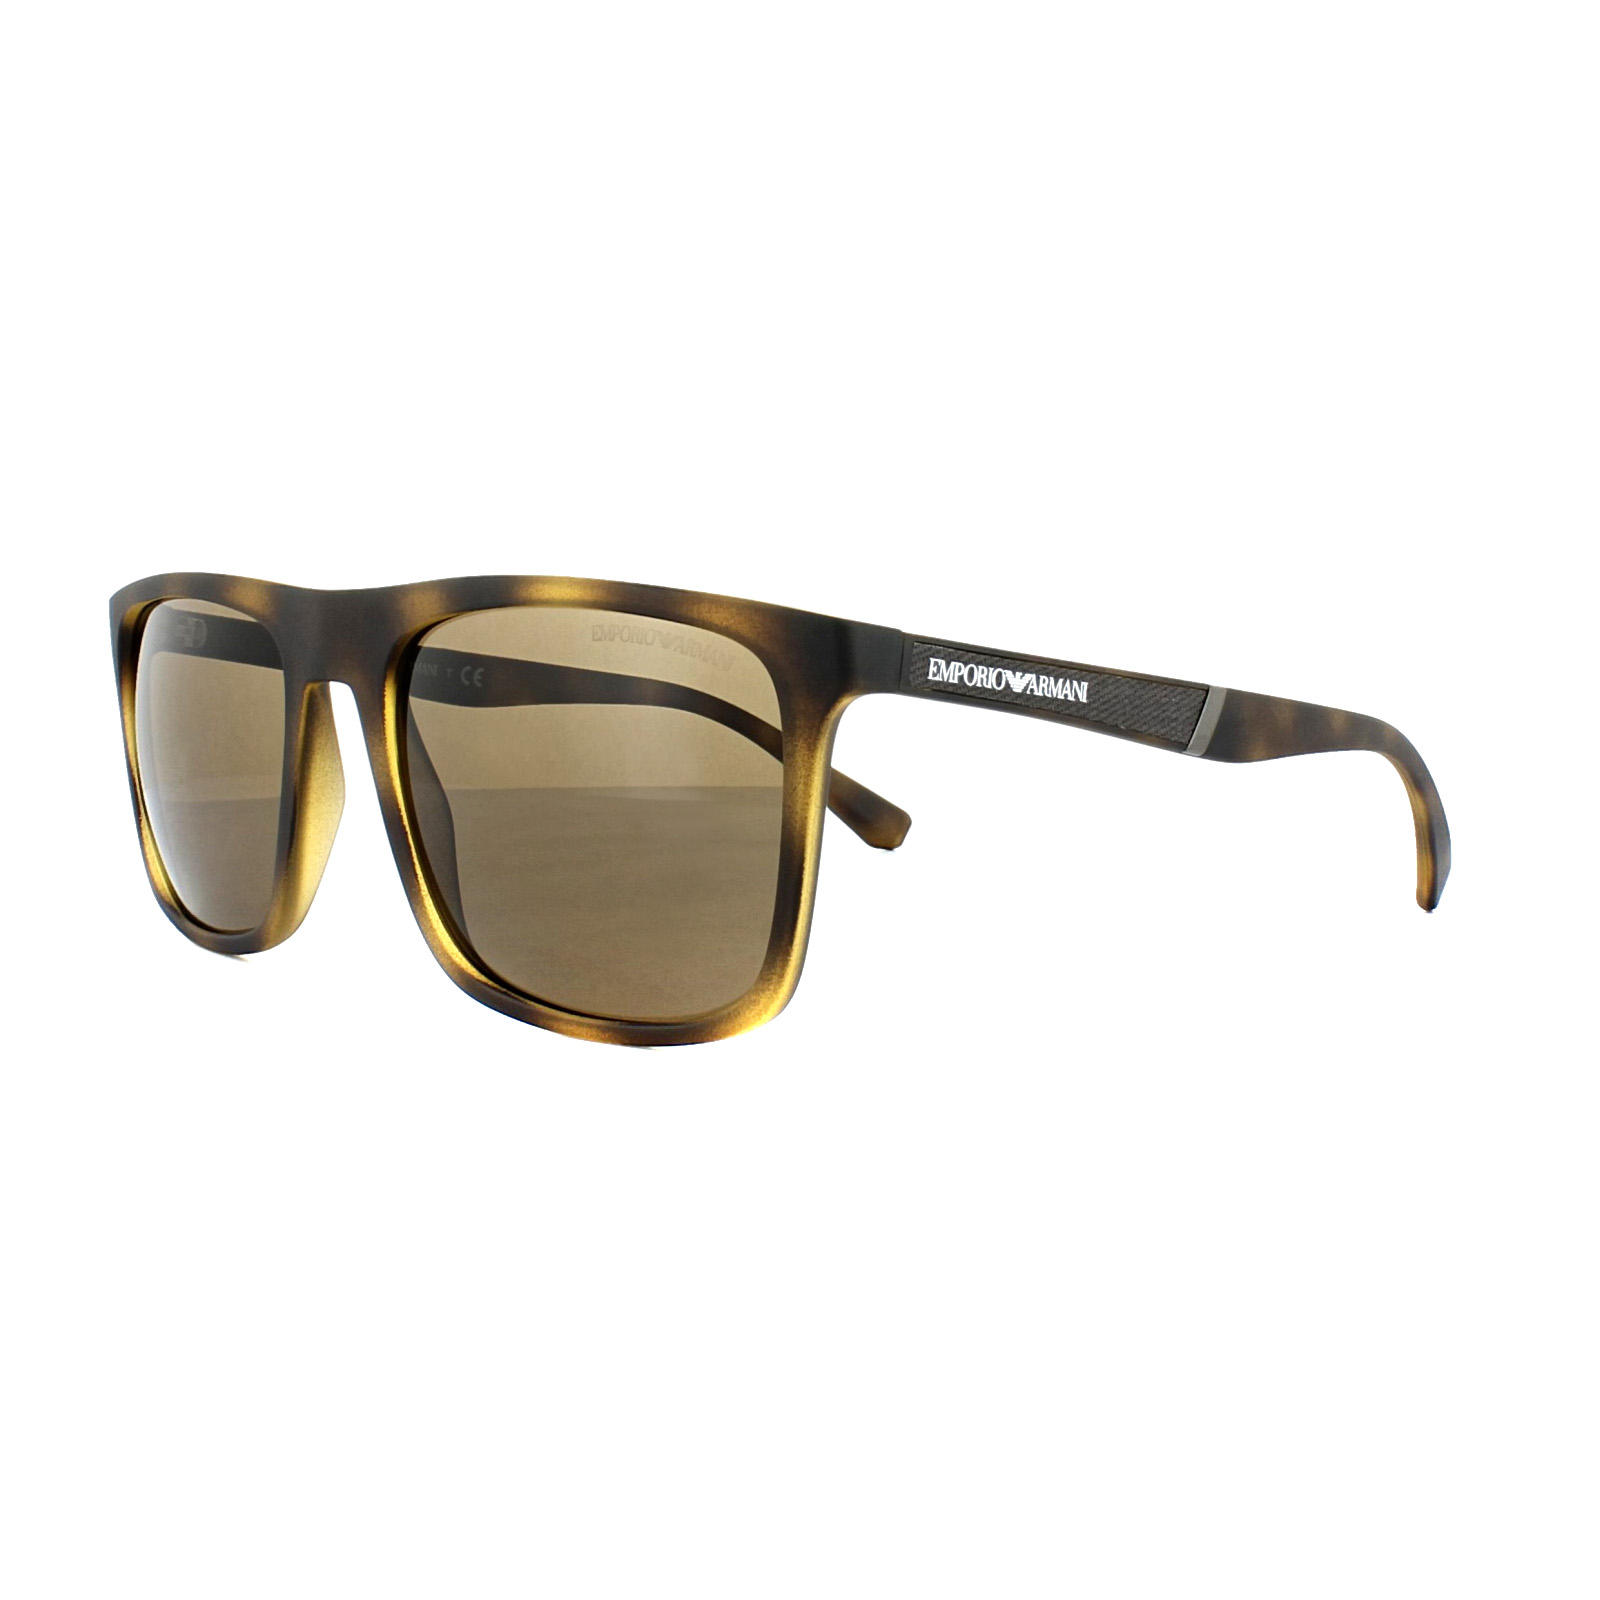 5d409c69889 Details about Emporio Armani Sunglasses EA4097 5089 73 Matt Havana Brown